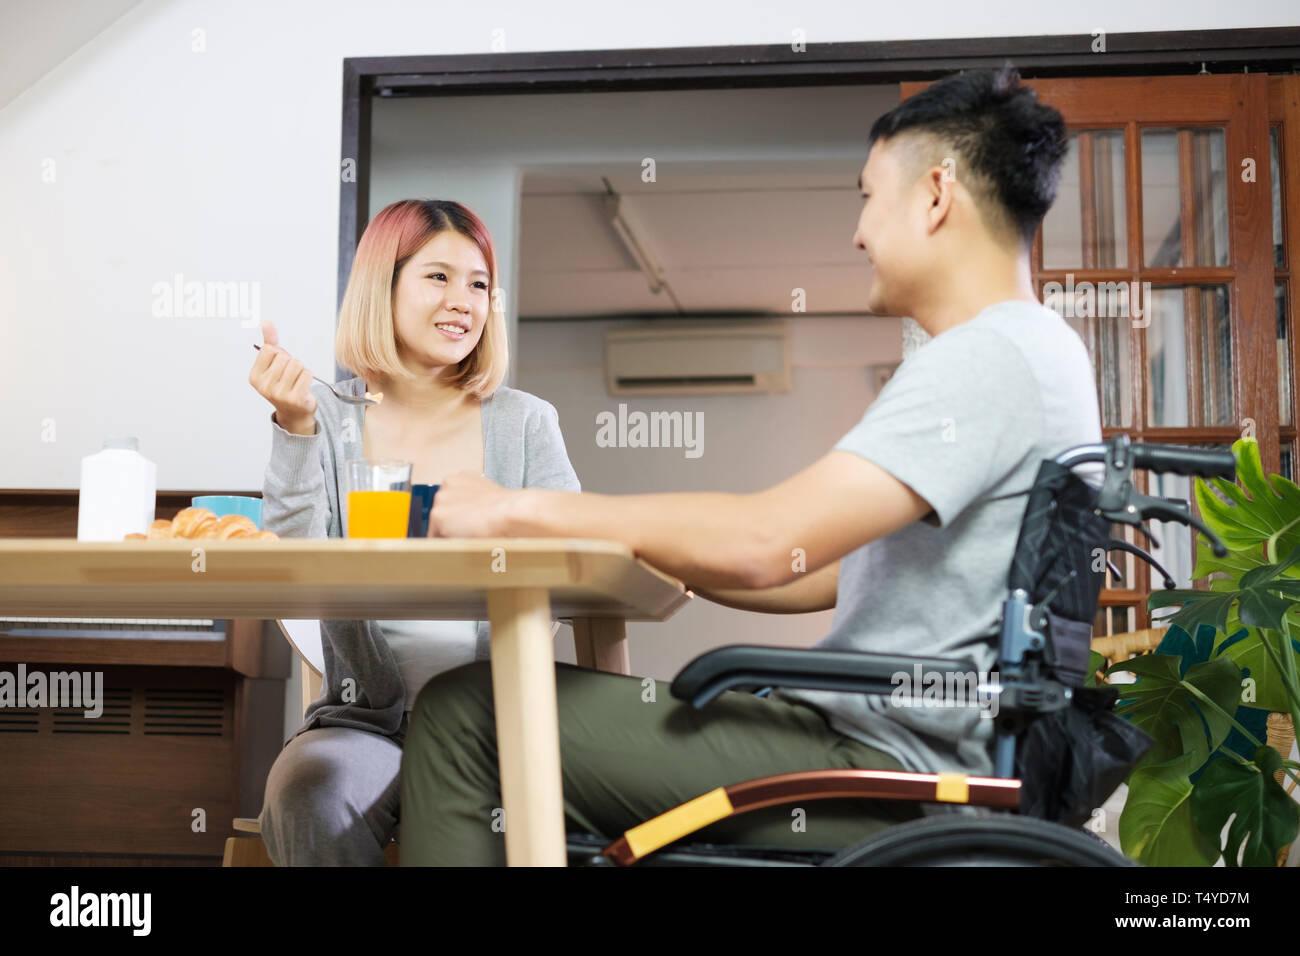 Par de Asia desayuno en casa.esposa sosteniendo la mano y alentar el marido inválido sentado en la silla de ruedas en la mesa de la cocina.pareja en inicio concepto Imagen De Stock